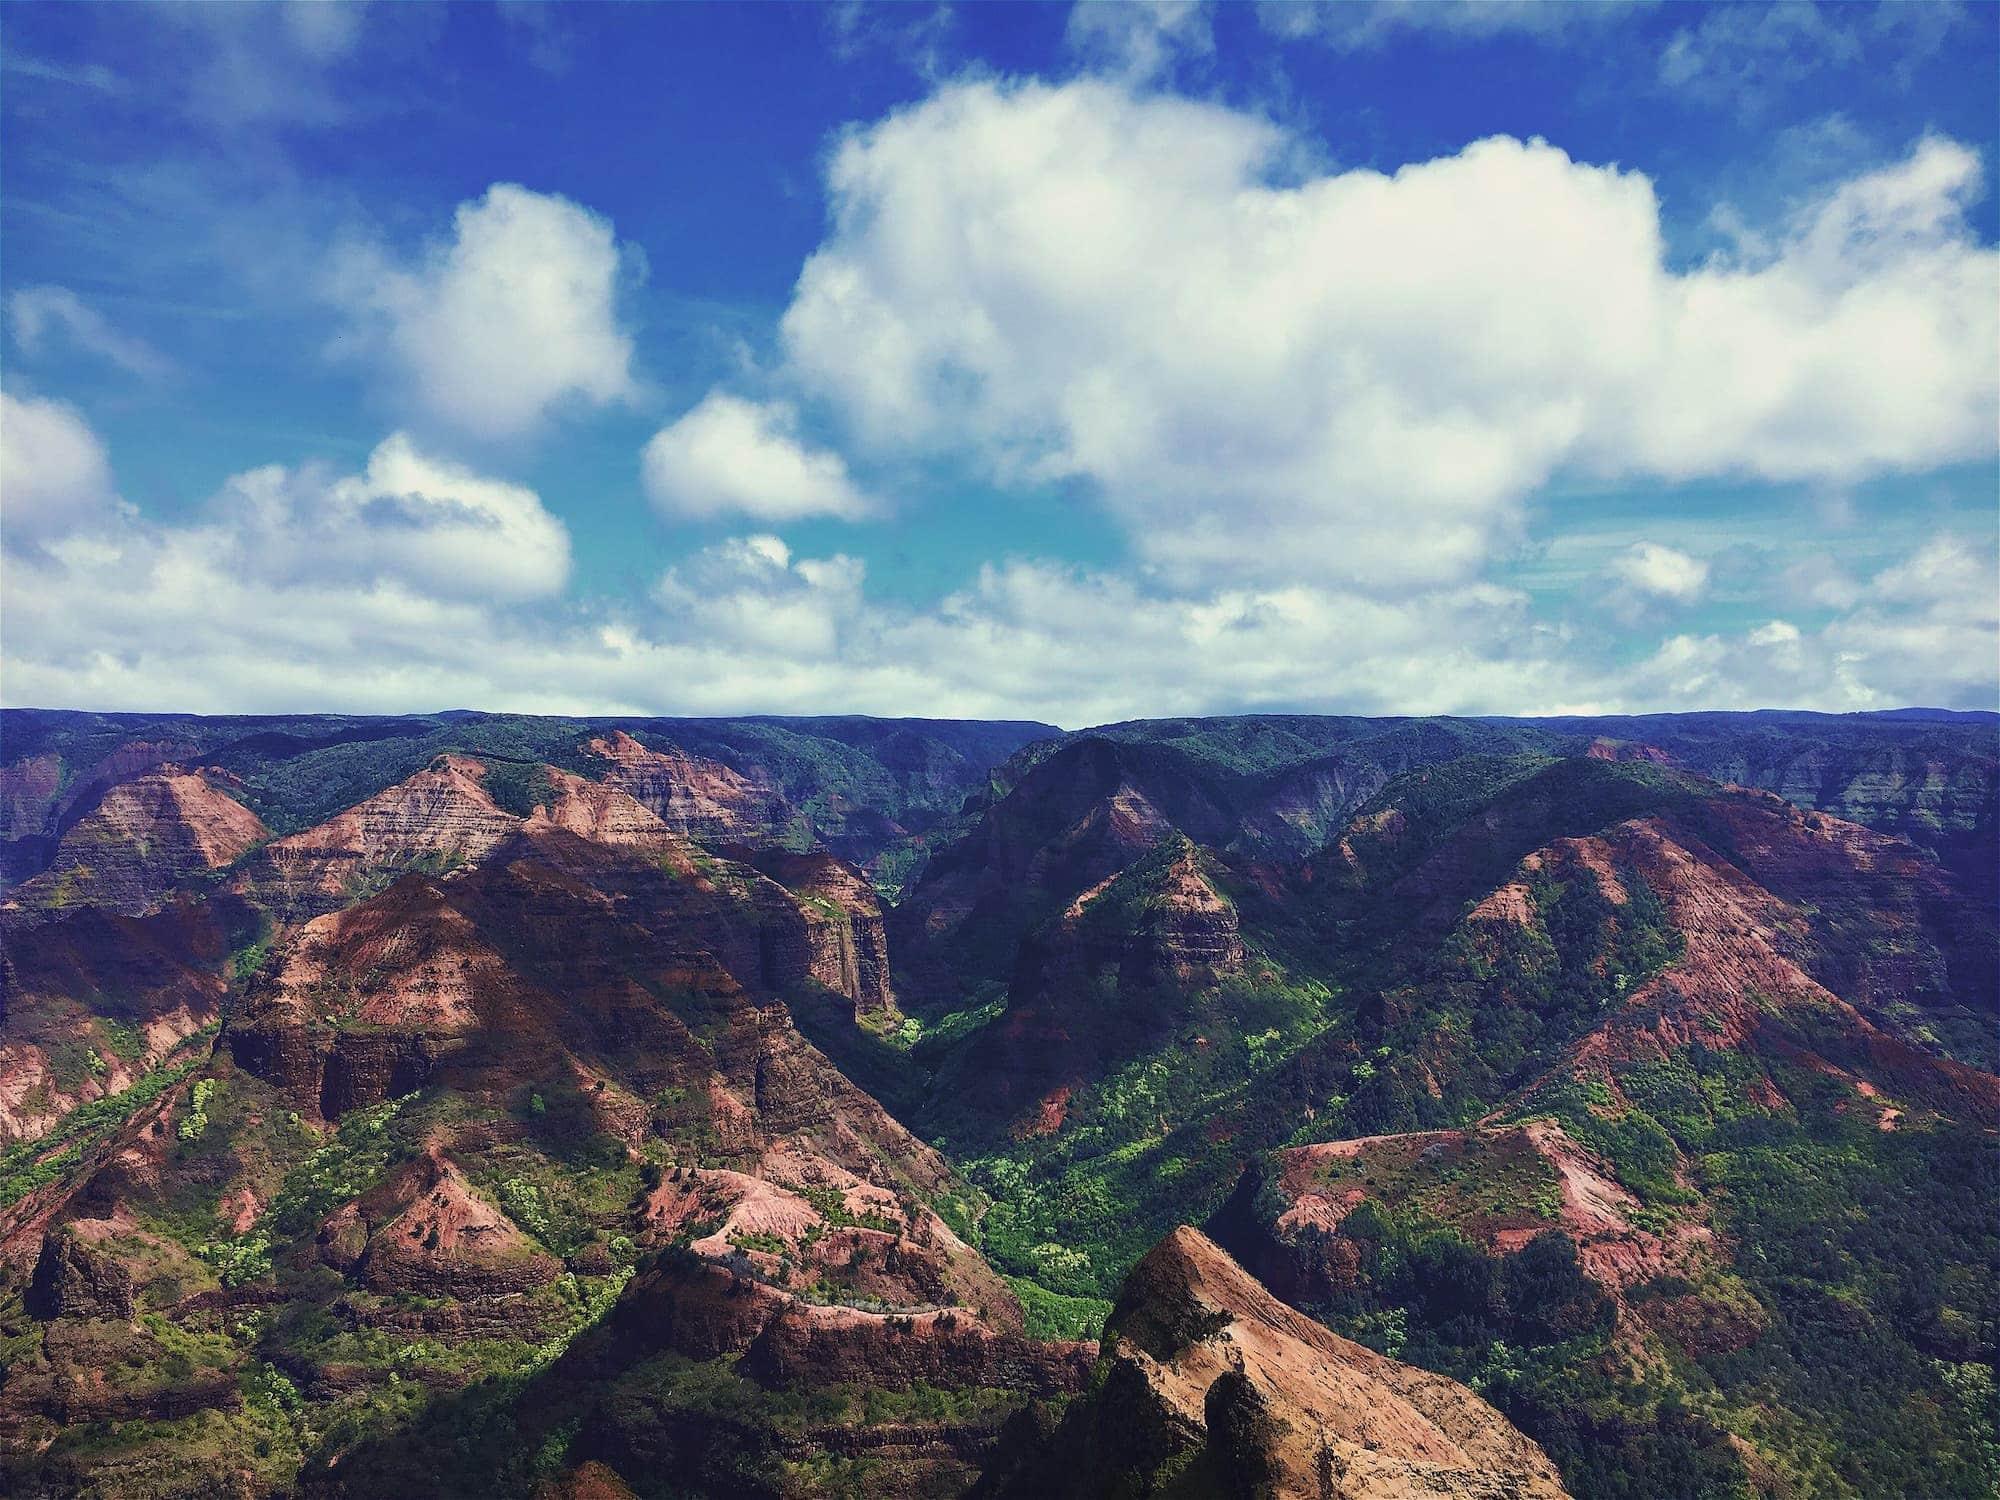 Waimea Canyon and the Kōkeʻe State Park